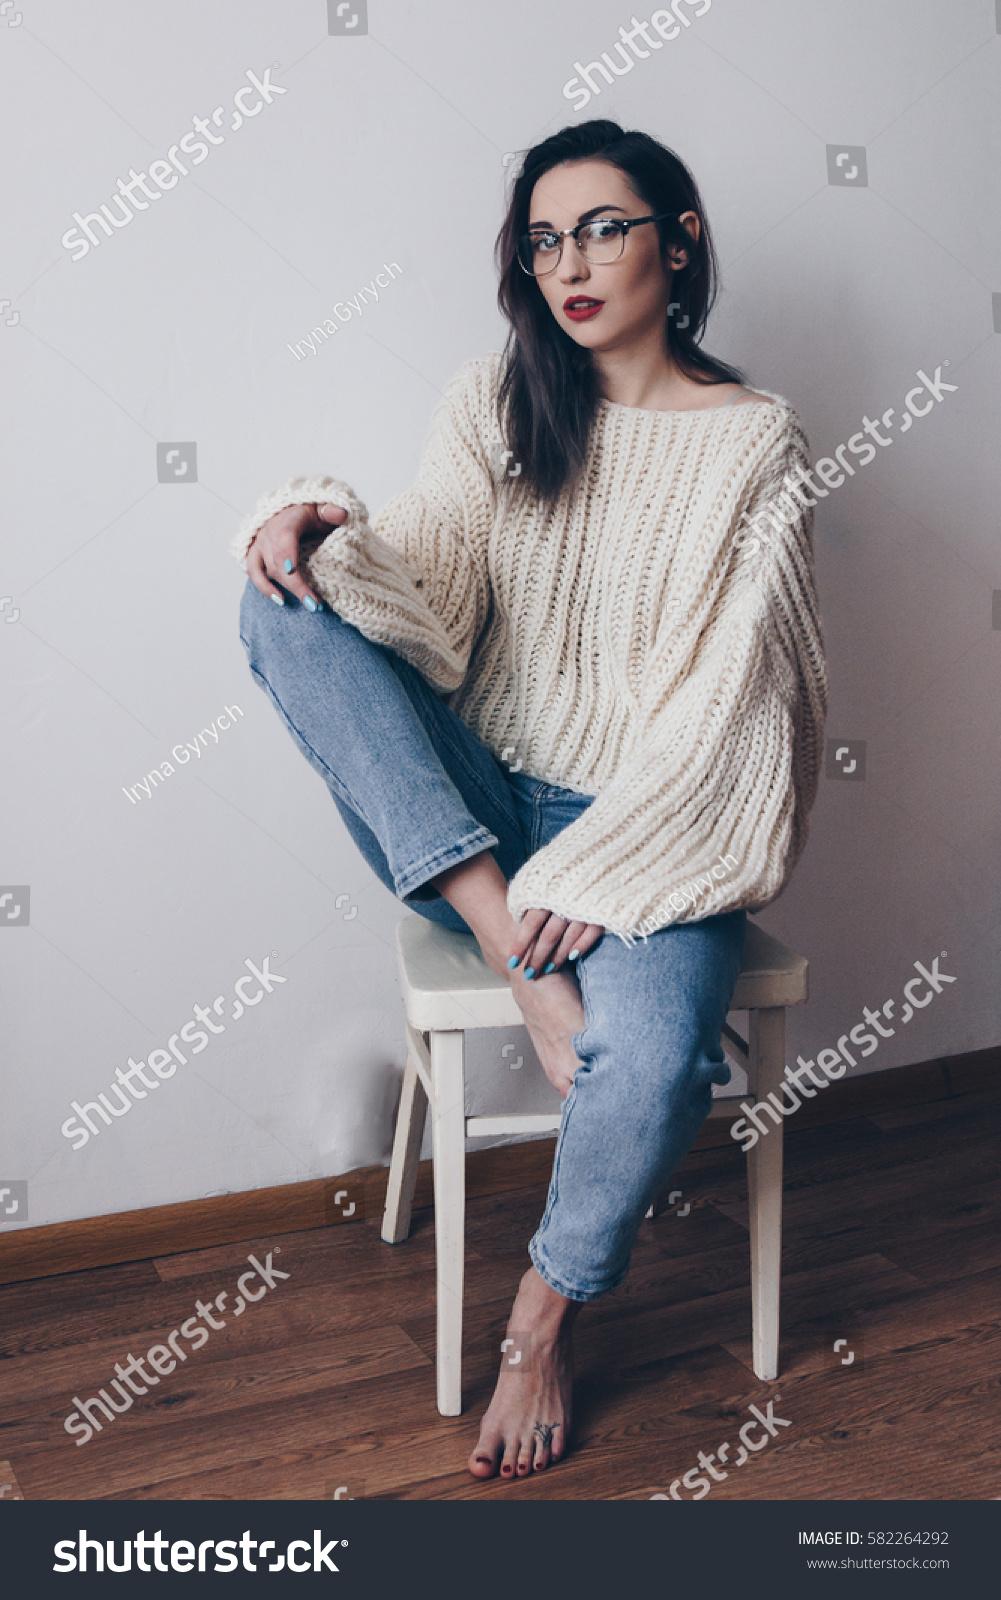 Portrait Young Woman Stylish Oversized Sweater Stock Photo ...